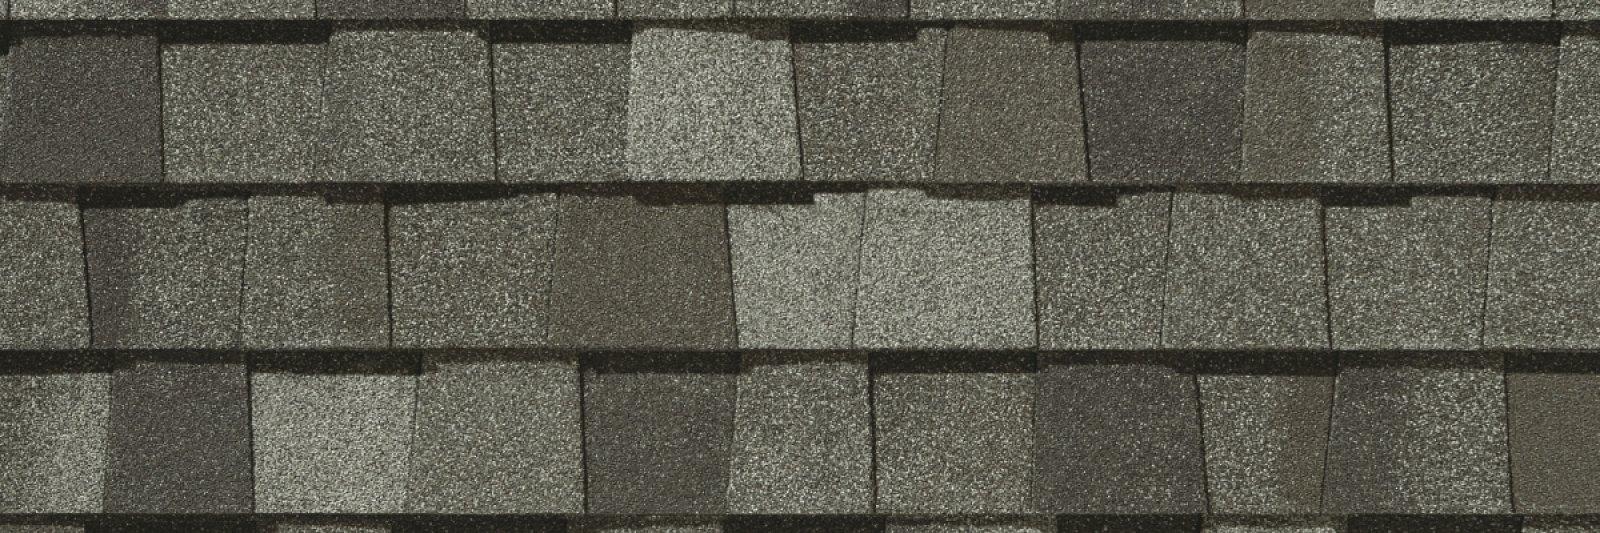 Granite Gray image